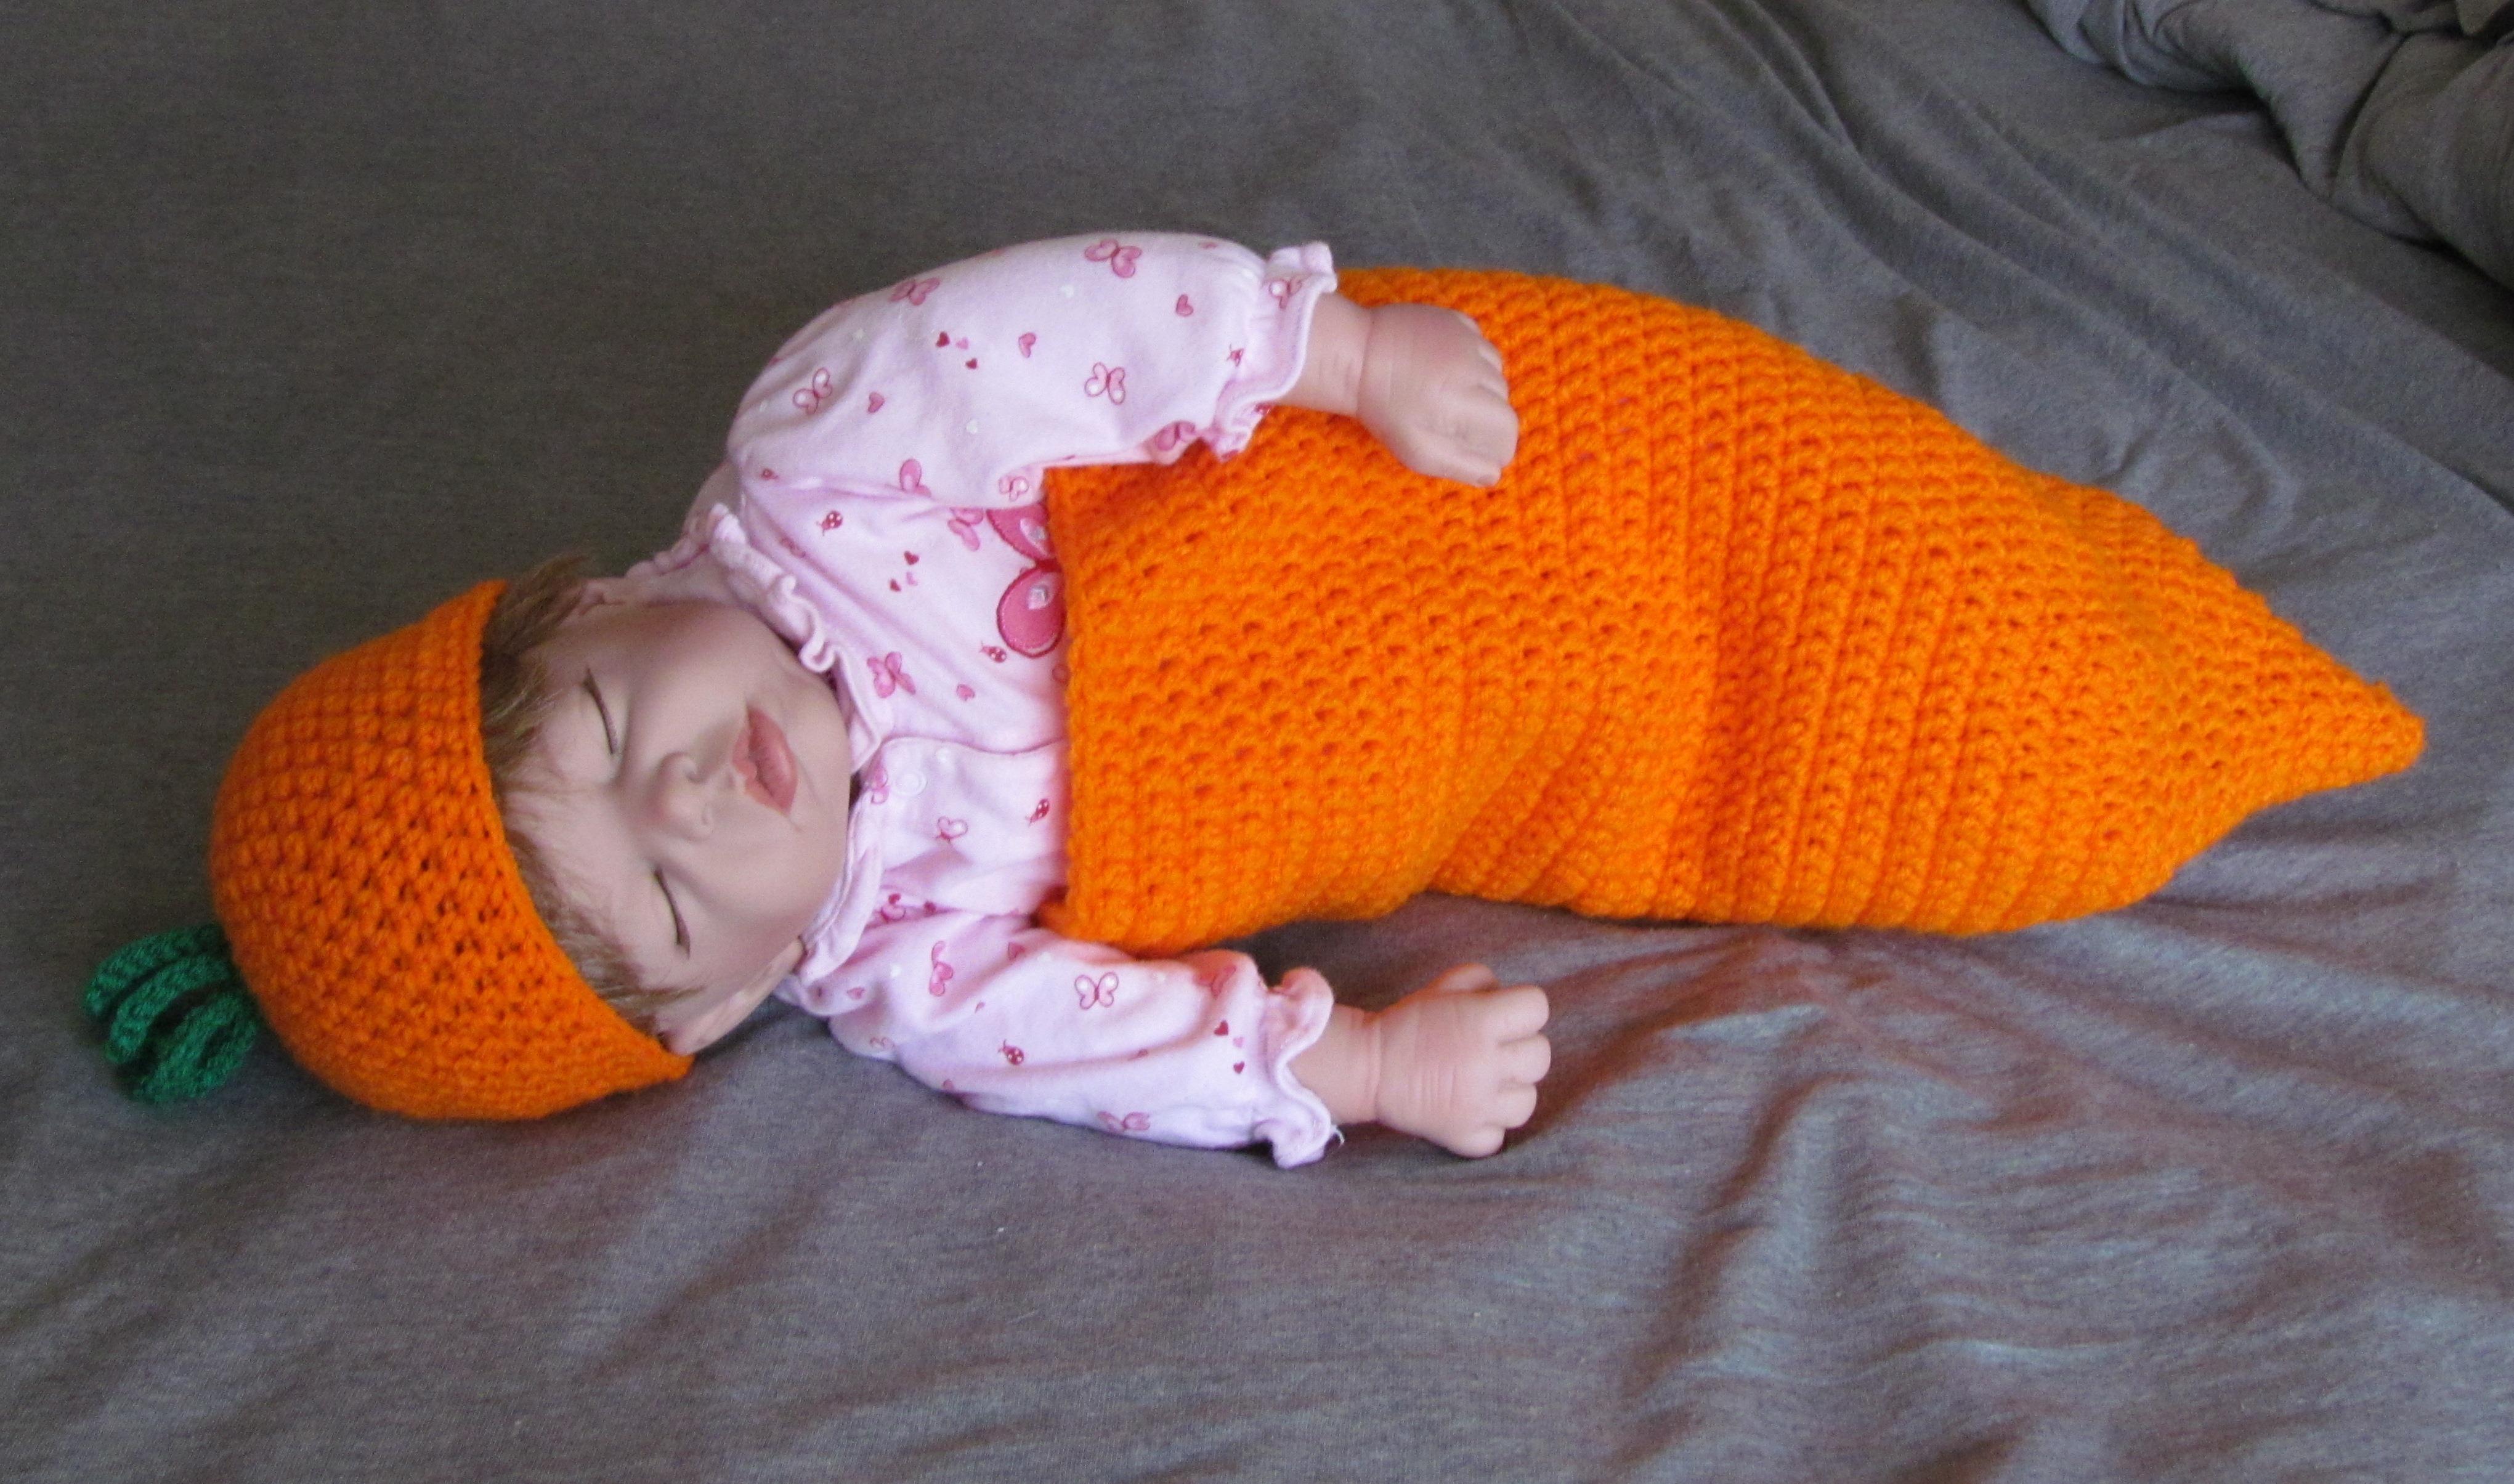 Free Crochet Carrot Cocoon Pattern : Carrot Cocoon Crochet Pattern - Ambassador Crochet ...